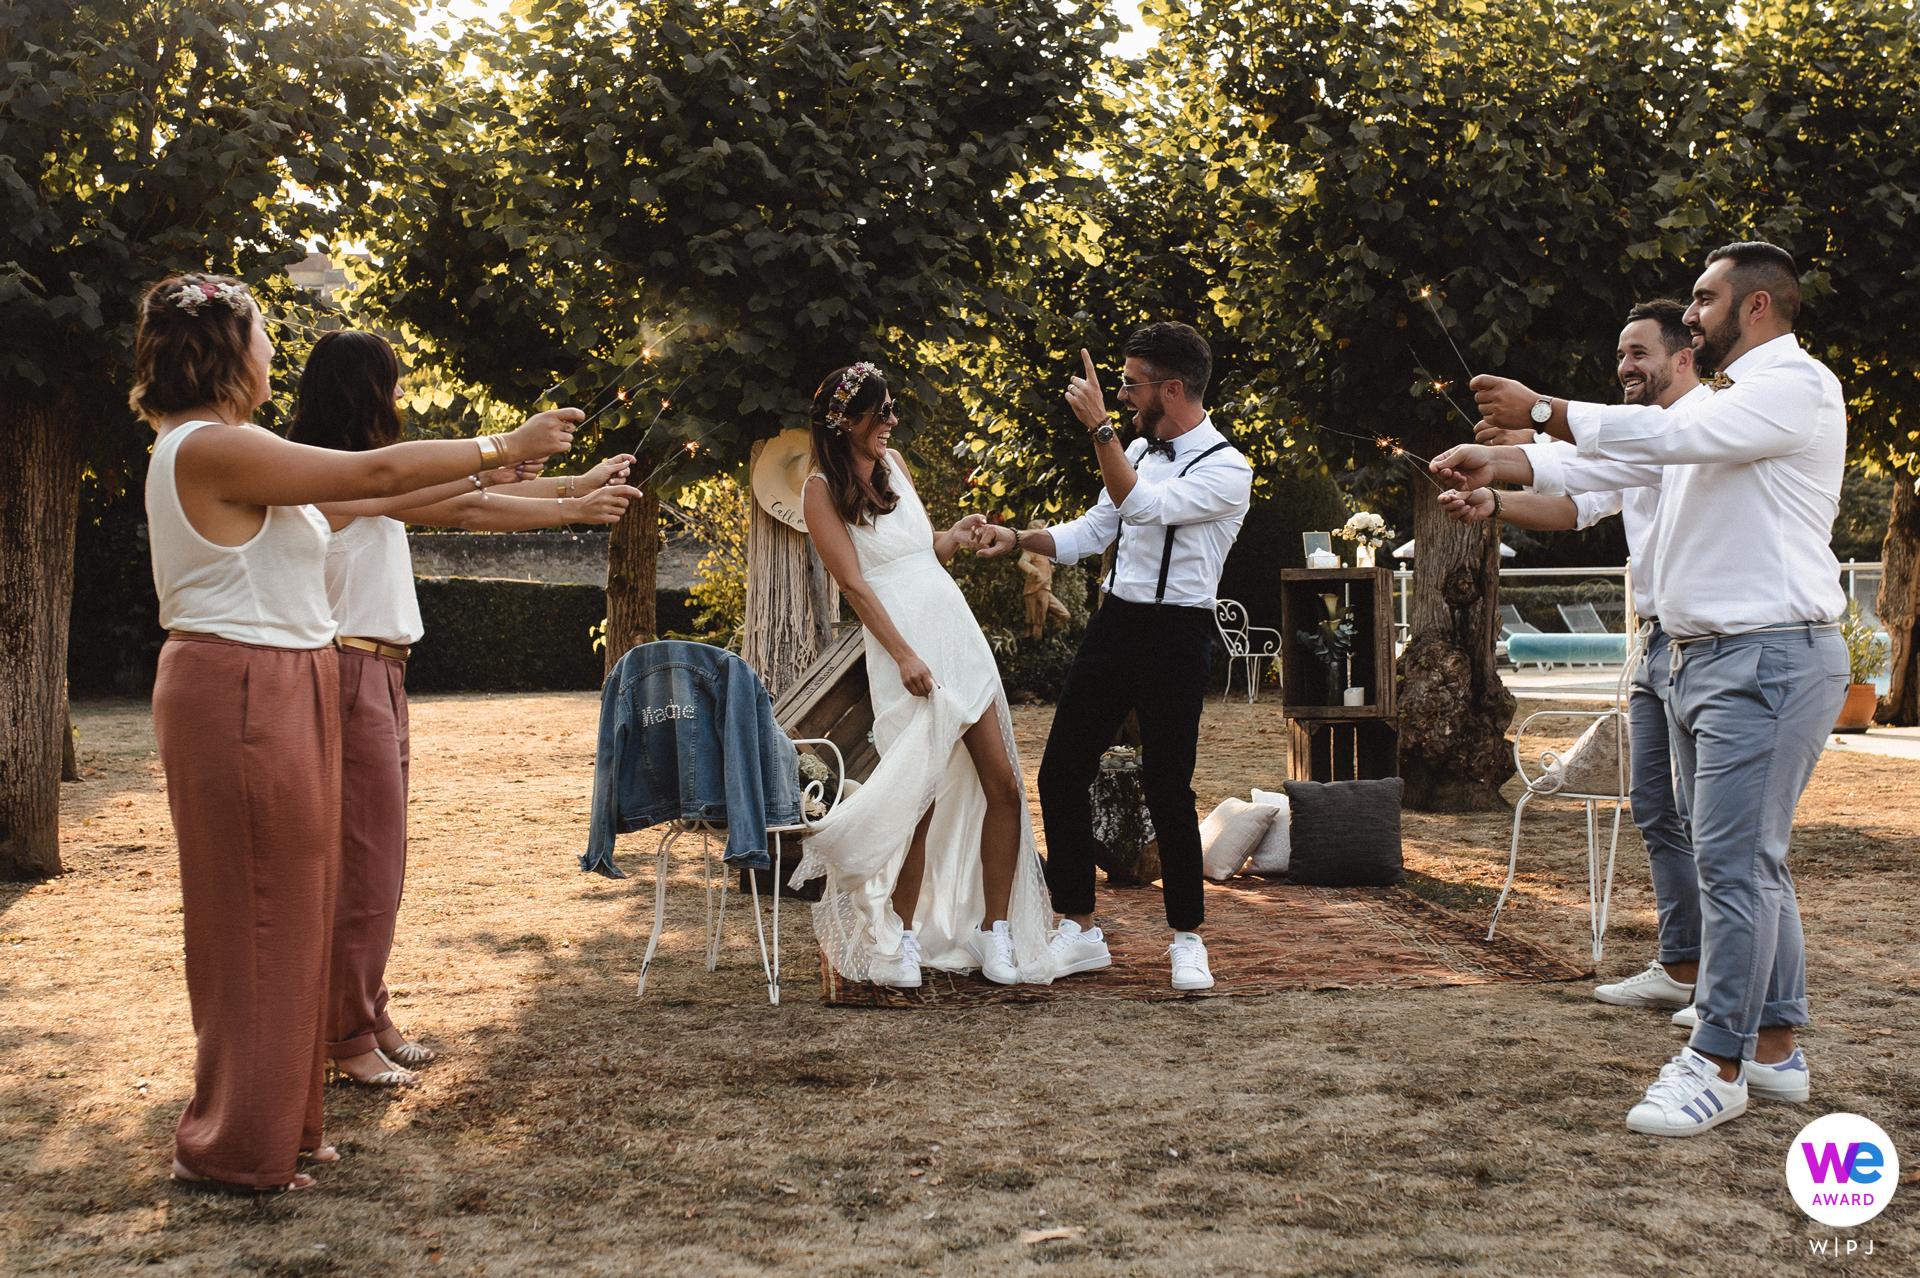 克雷兹河畔阿让顿的婚礼摄影新娘和新郎随着音乐跳舞